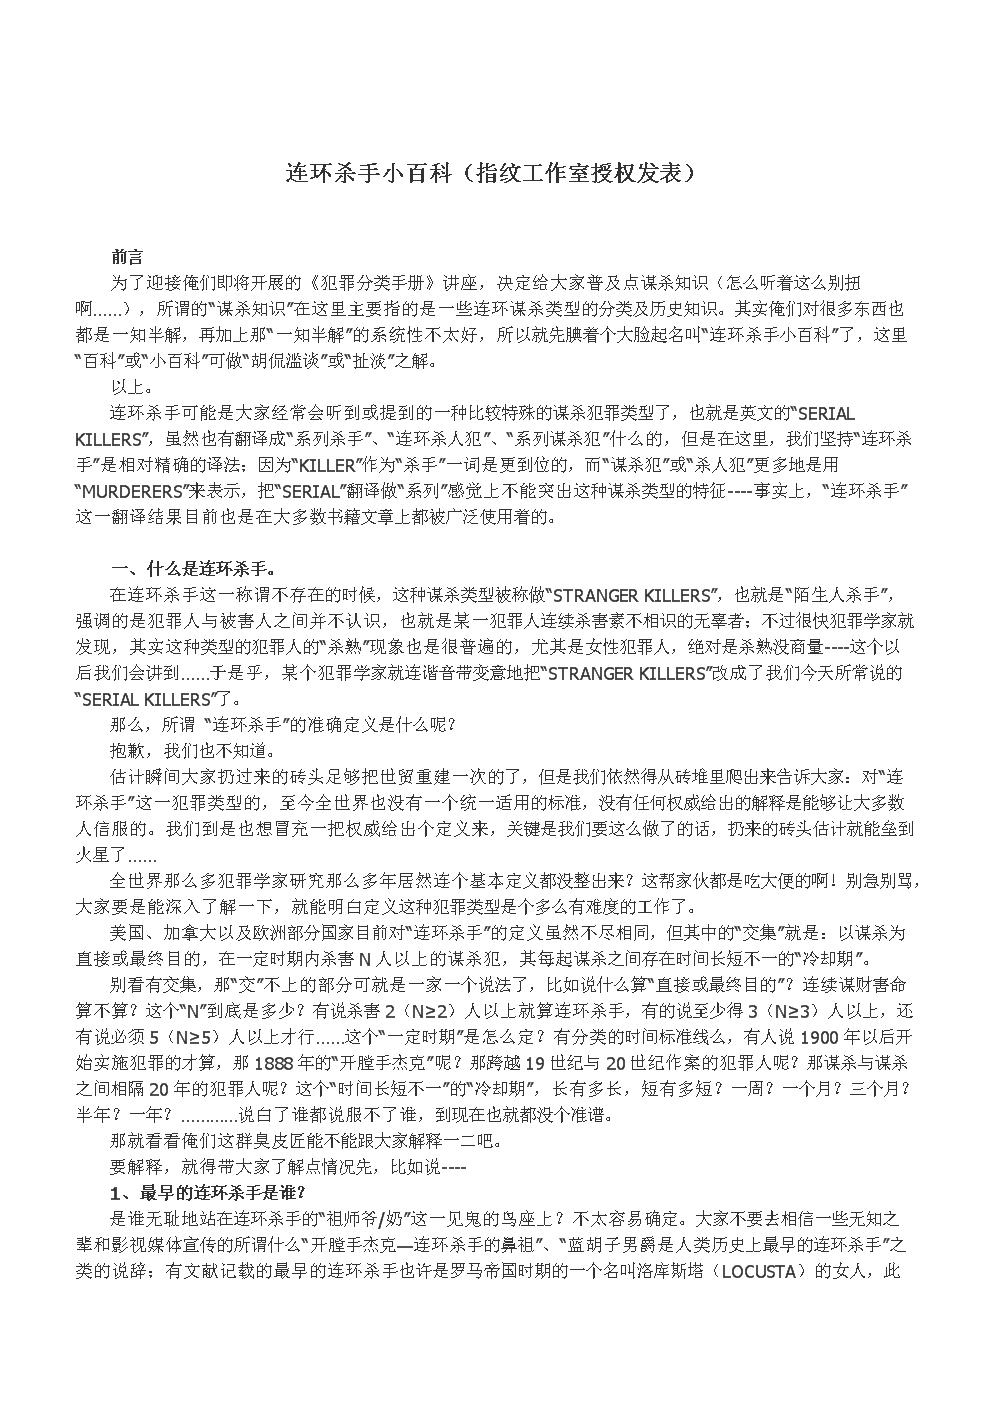 连环杀手小百科(指纹工作室授权发表).doc